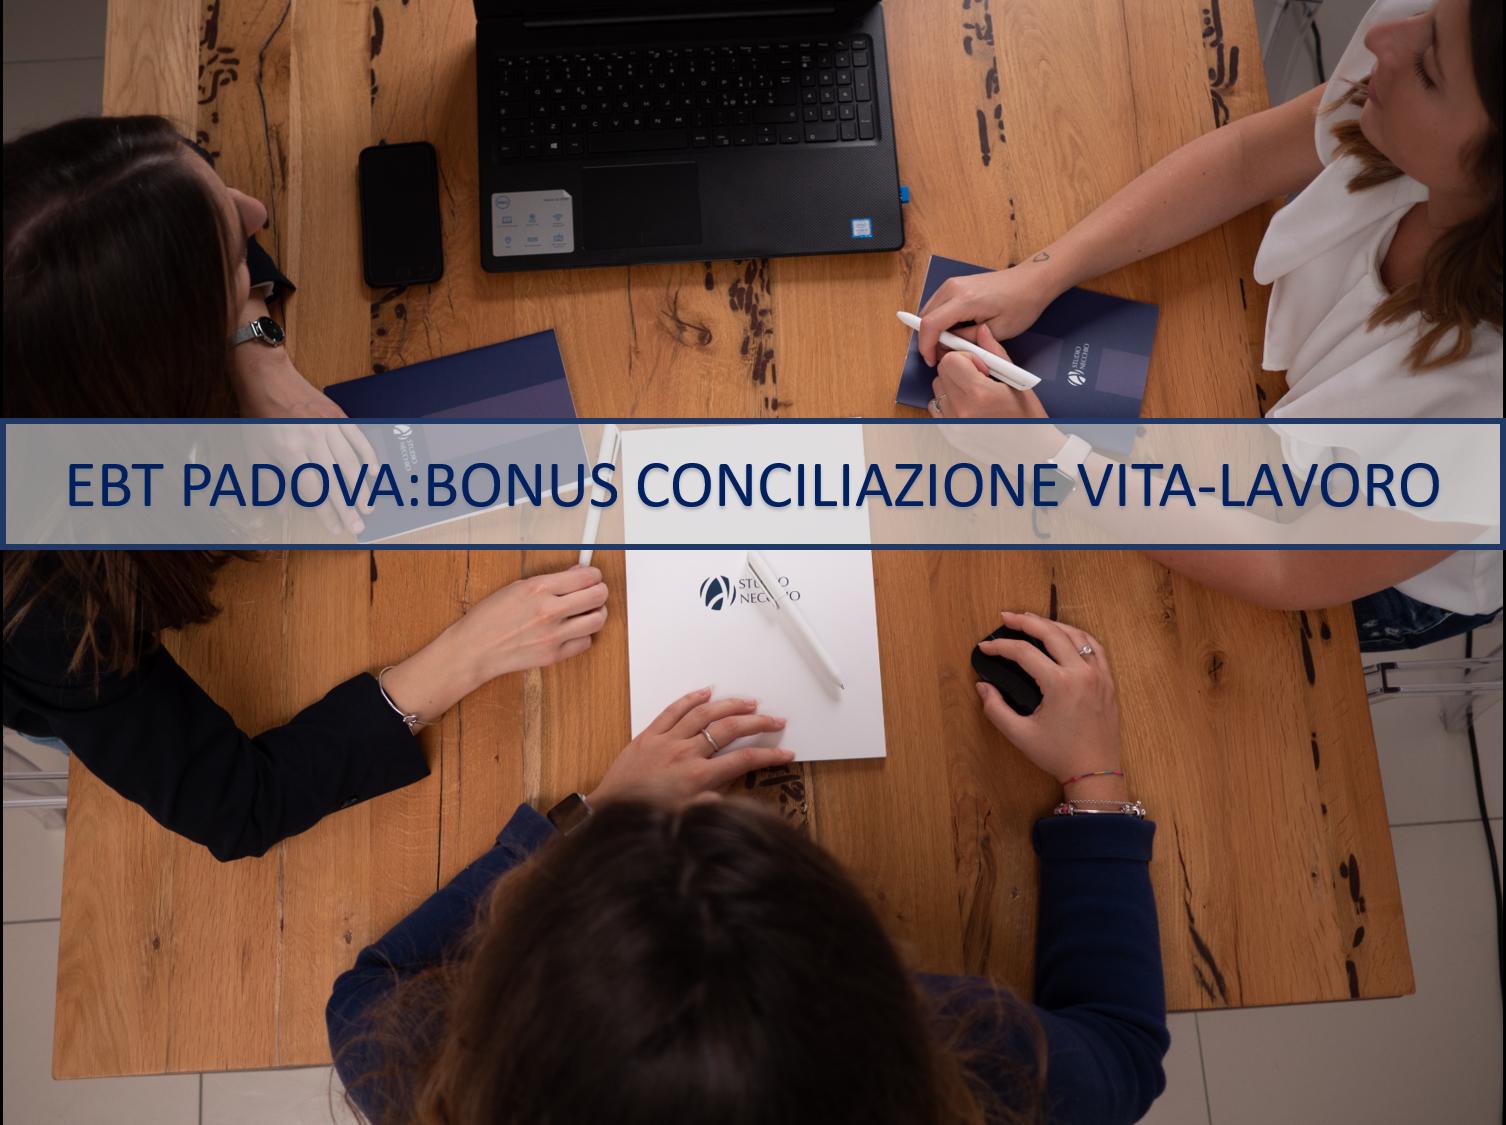 EBT PADOVA: BONUS CONCILIAZIONE VITA-LAVORO